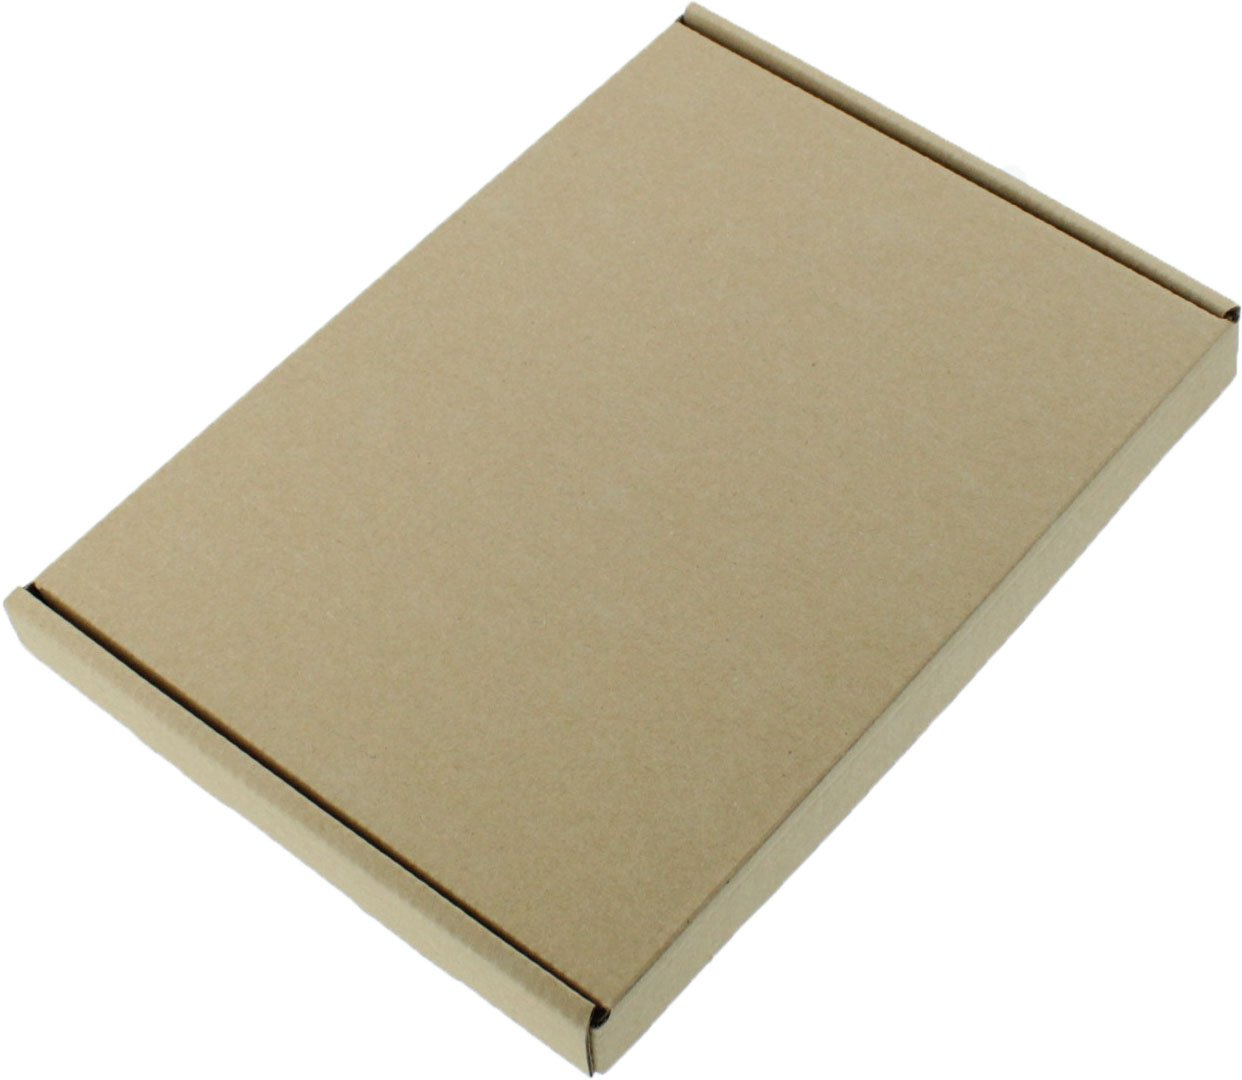 25 x Cajas Grandes de Papel C4 A4 para Envíos Postales - Tamaño: 335x230x23mm - vendidas por MEG4TEC: Amazon.es: Oficina y papelería